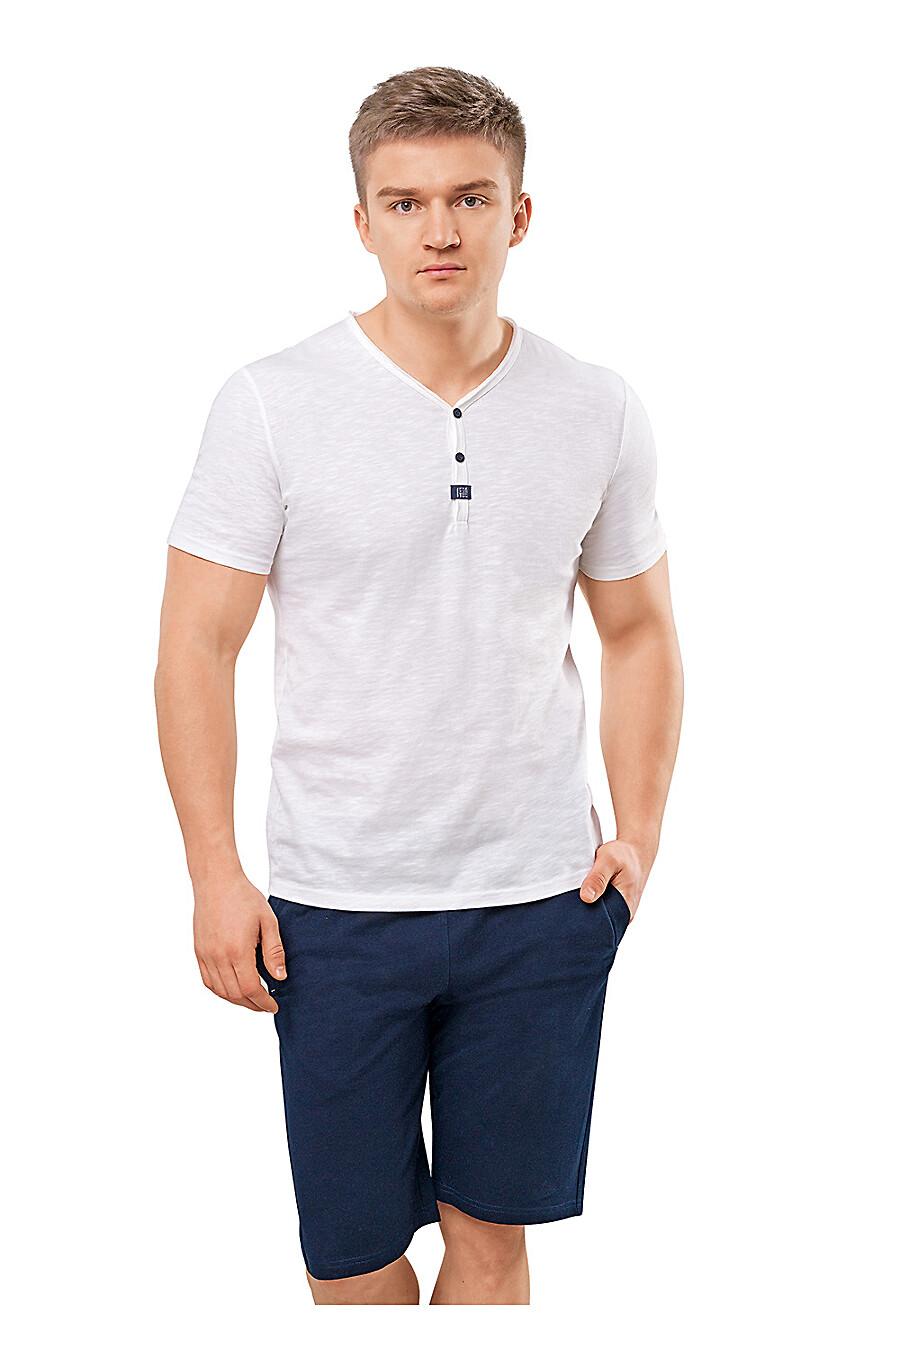 Комплект для мужчин CLEVER 155357 купить оптом от производителя. Совместная покупка мужской одежды в OptMoyo